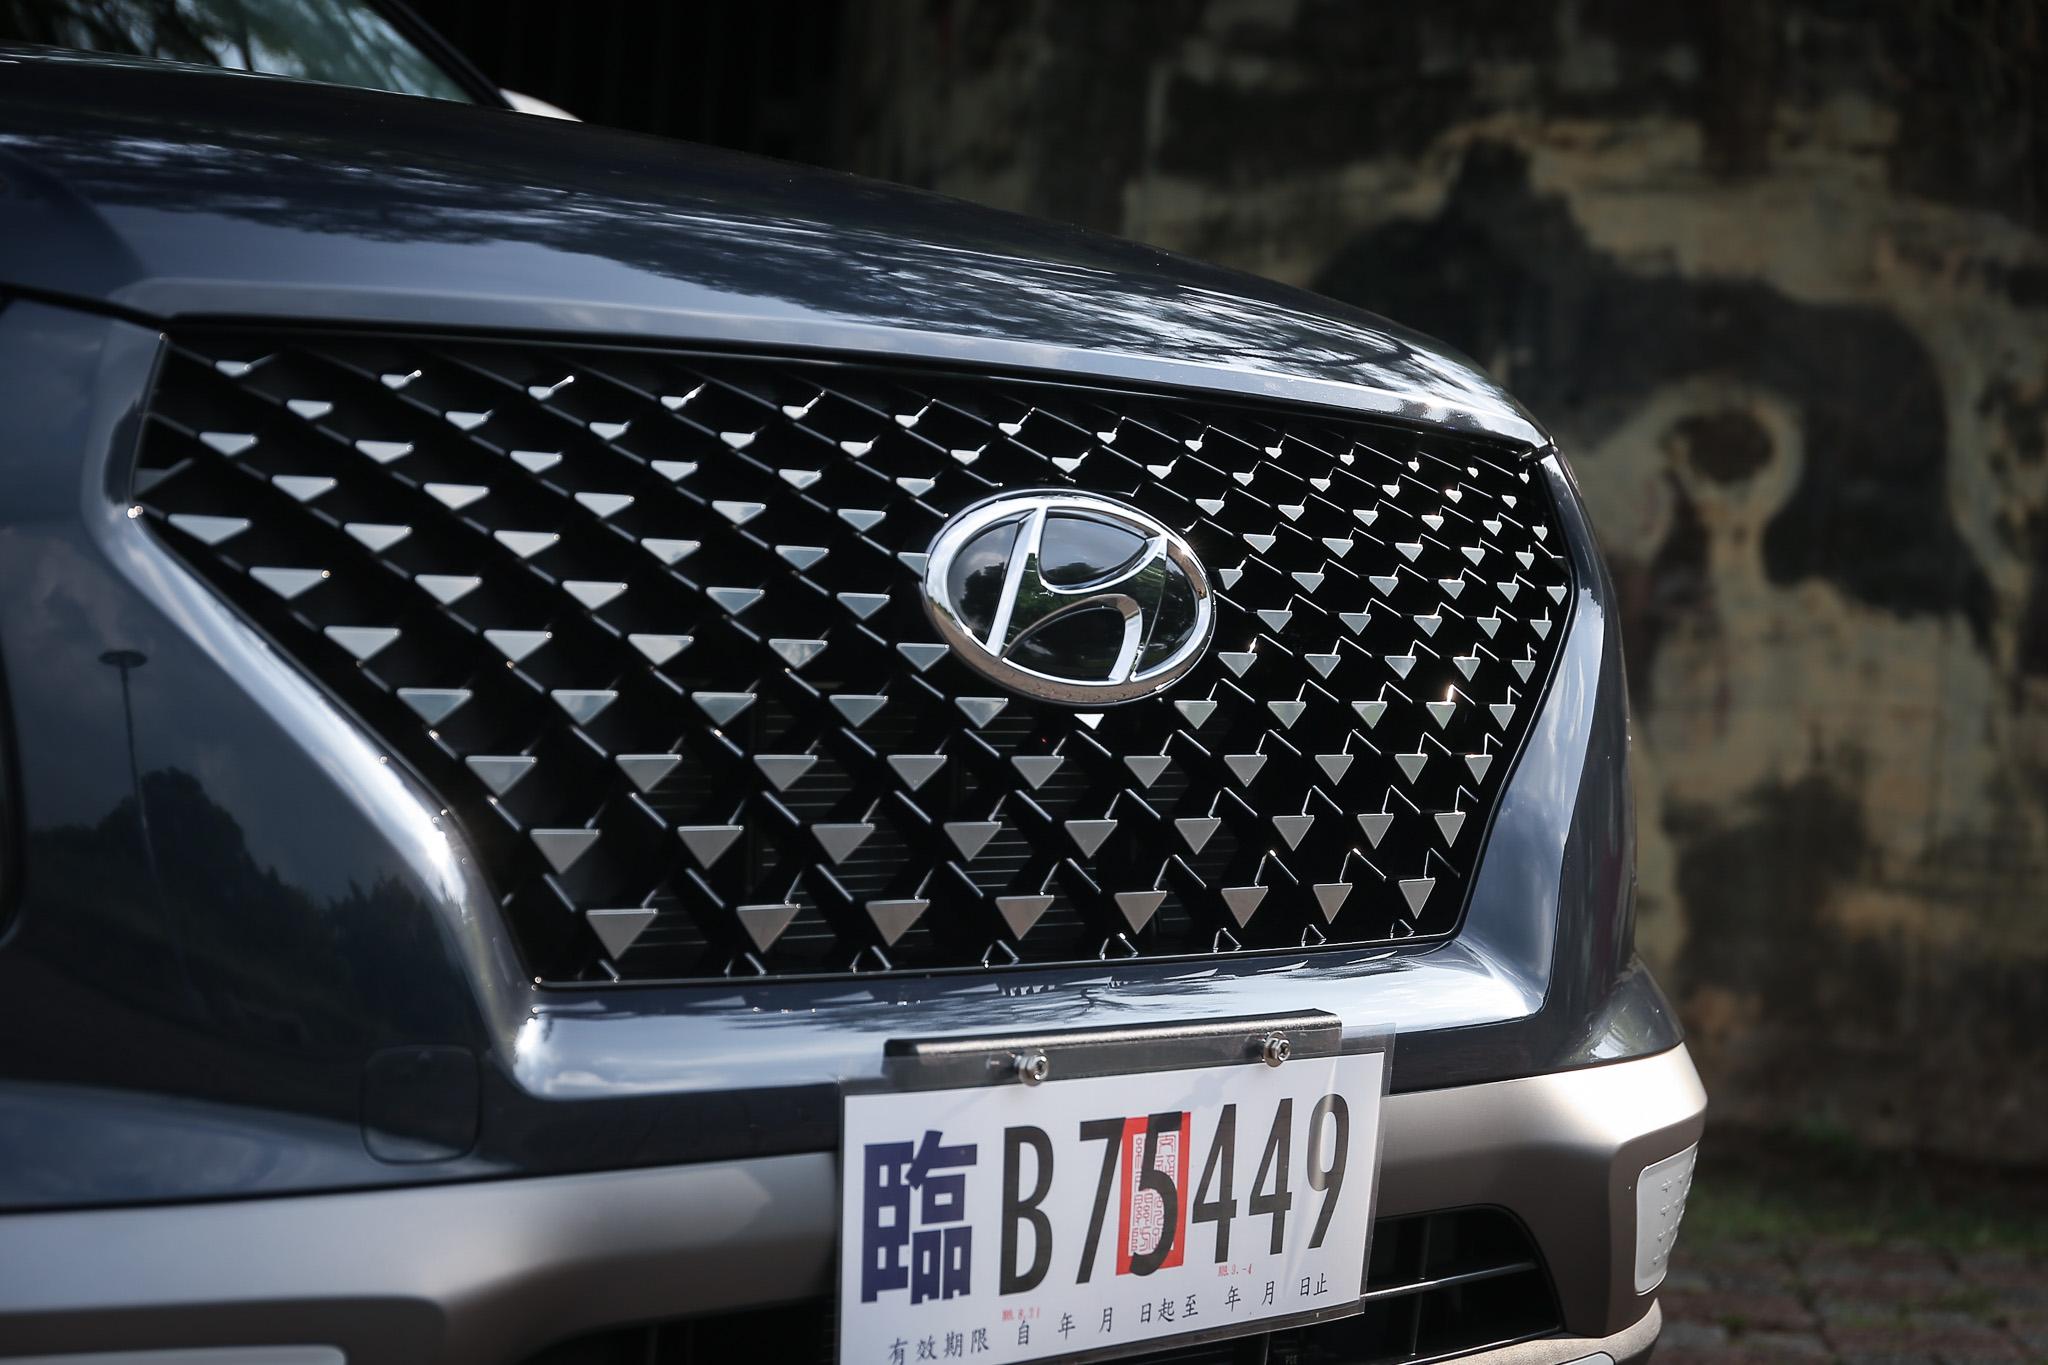 GLB 等級以上的 Two-tone 雙色車型都配備有三角星墜水箱護罩設計。